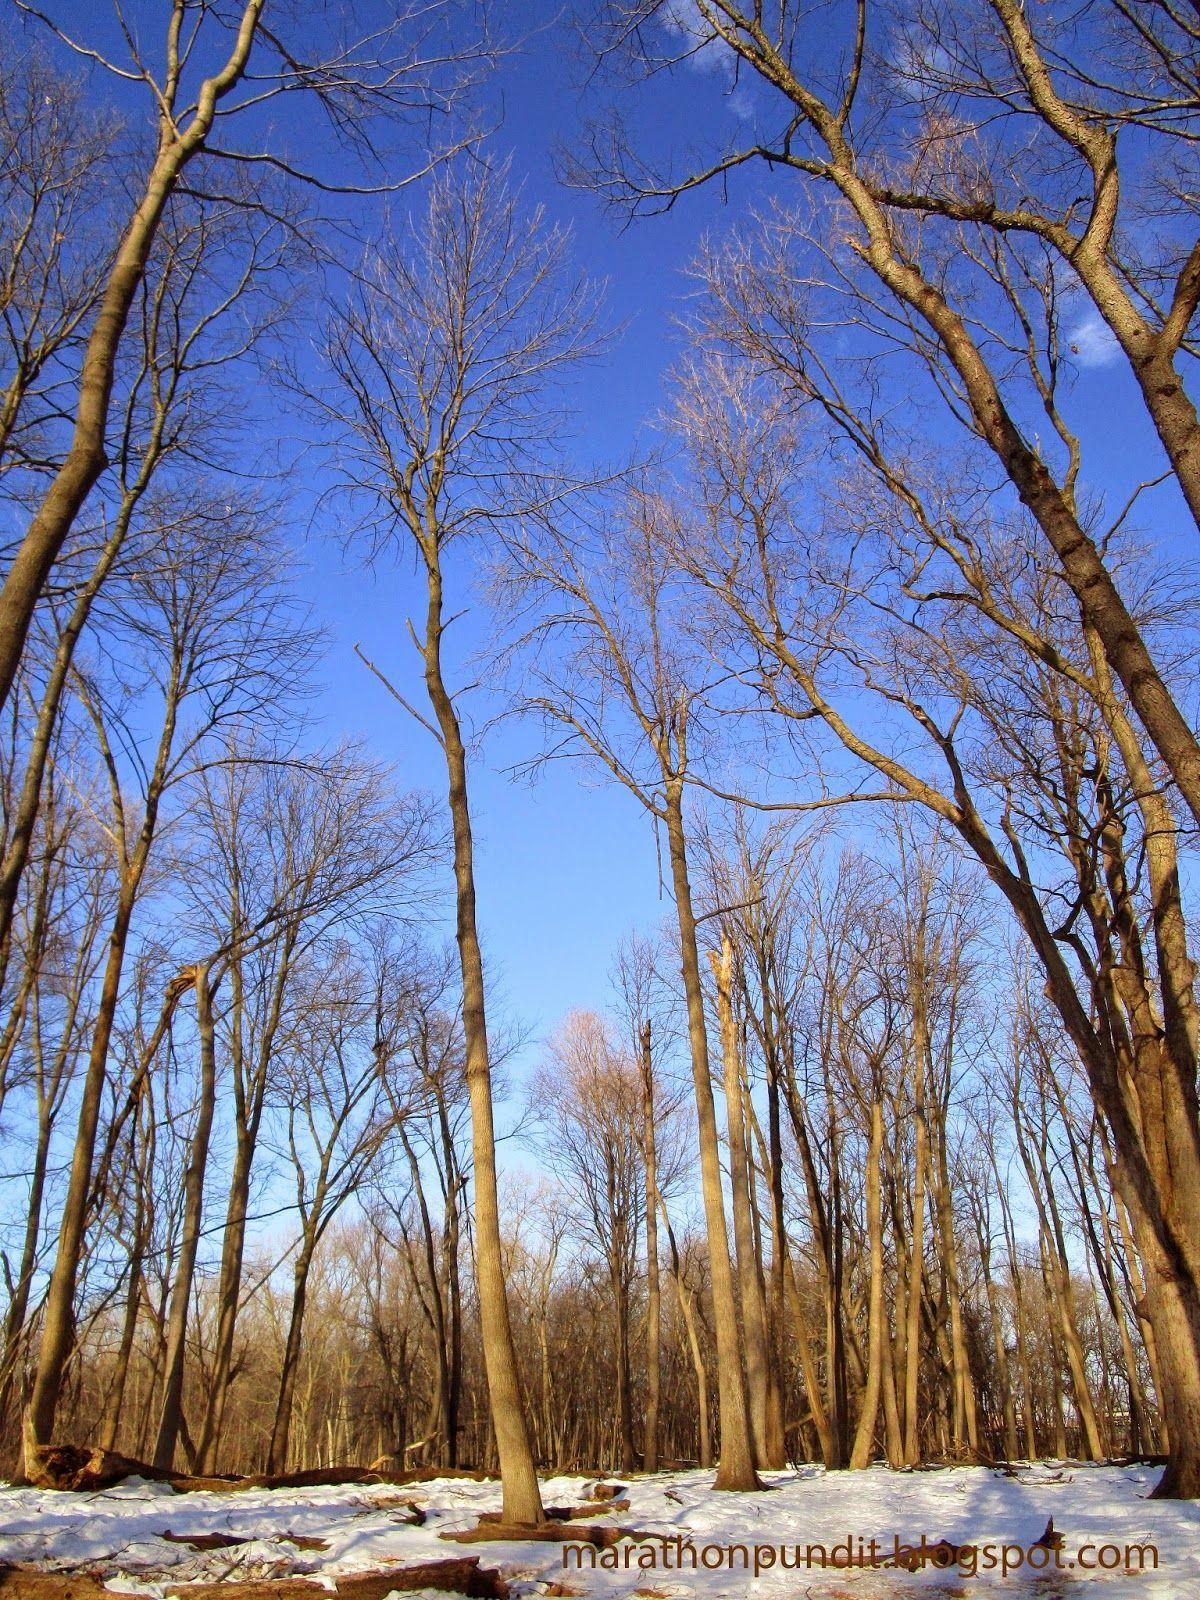 Tall trees, blue sky, white snow #mortongrove Tall trees, blue sky, white snow at Morton Grove's St. Paul Woods Forest Preserve #mortongrove